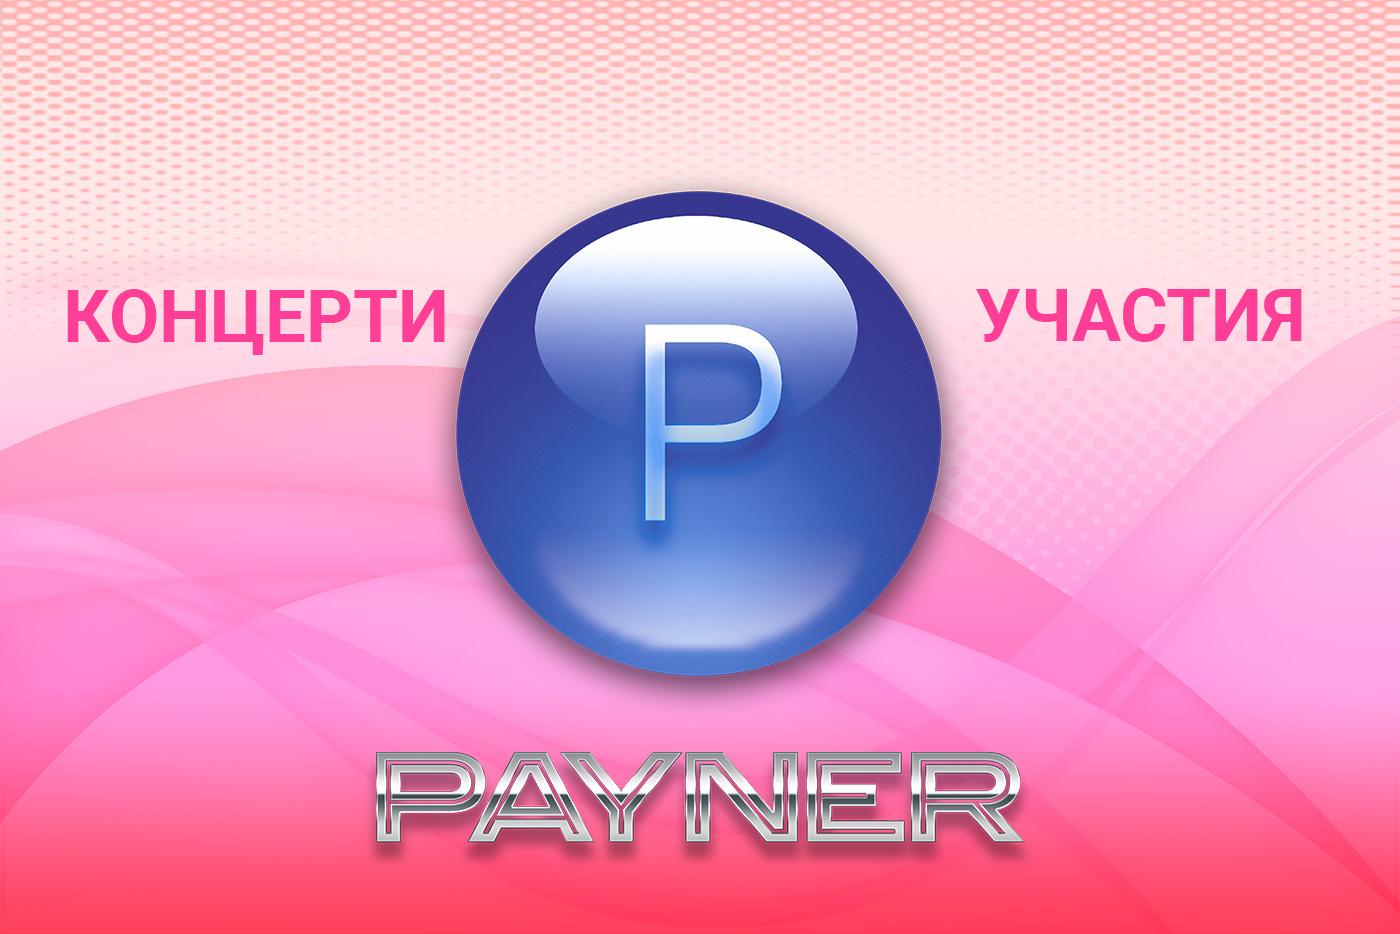 """Участия на звездите на """"Пайнер"""" на 23.10.2018"""